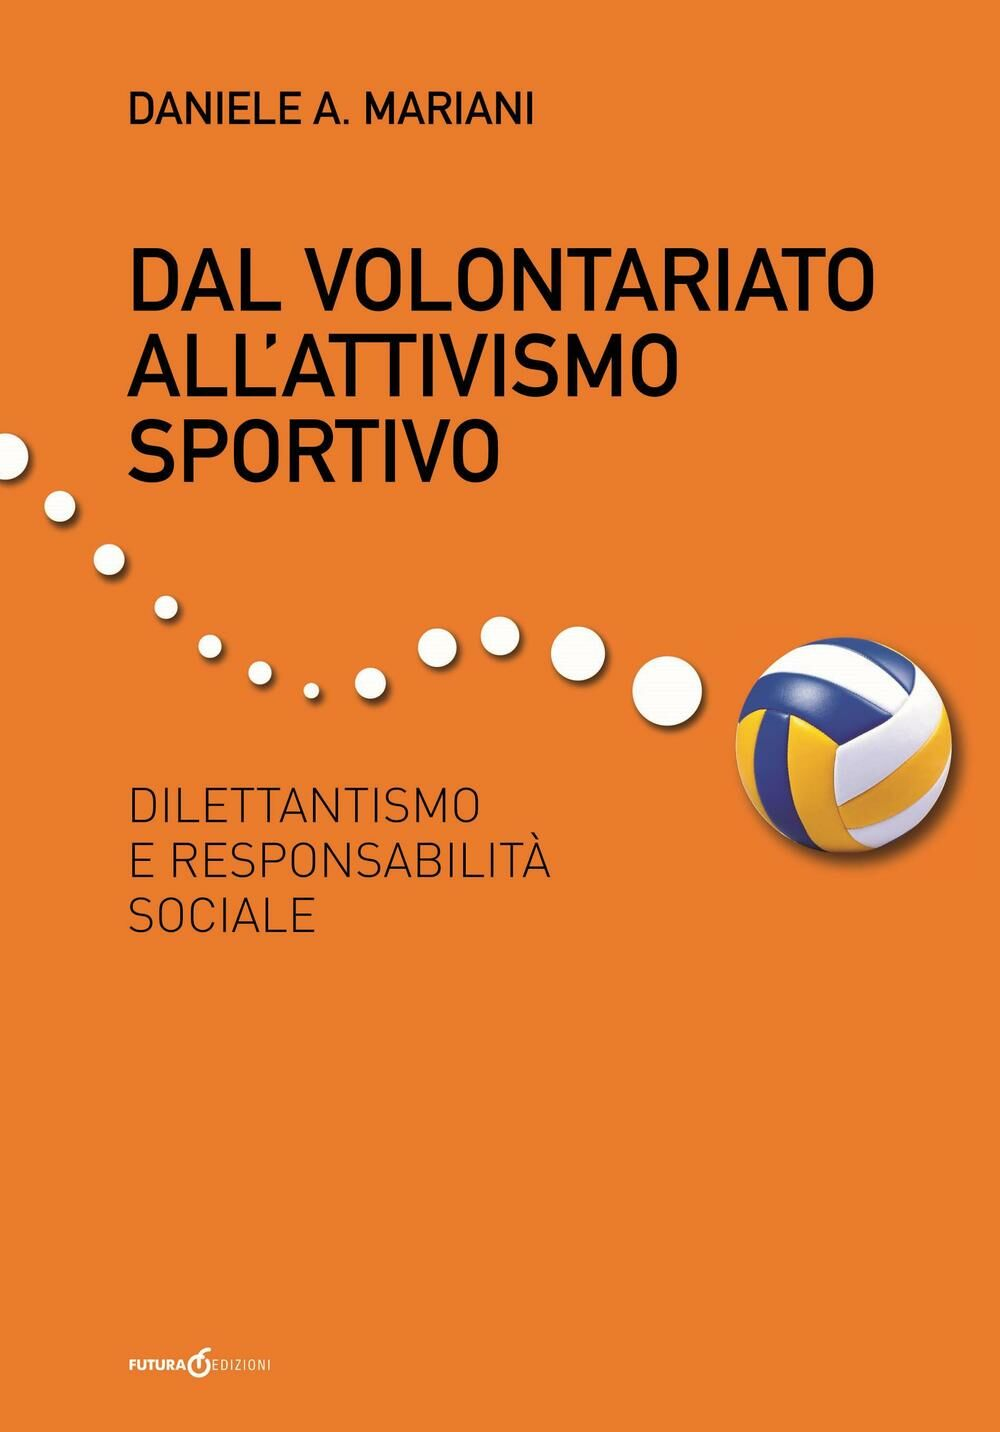 Dal volontariato all'attivismo sportivo. Dilettantismo e responsabilità sociale